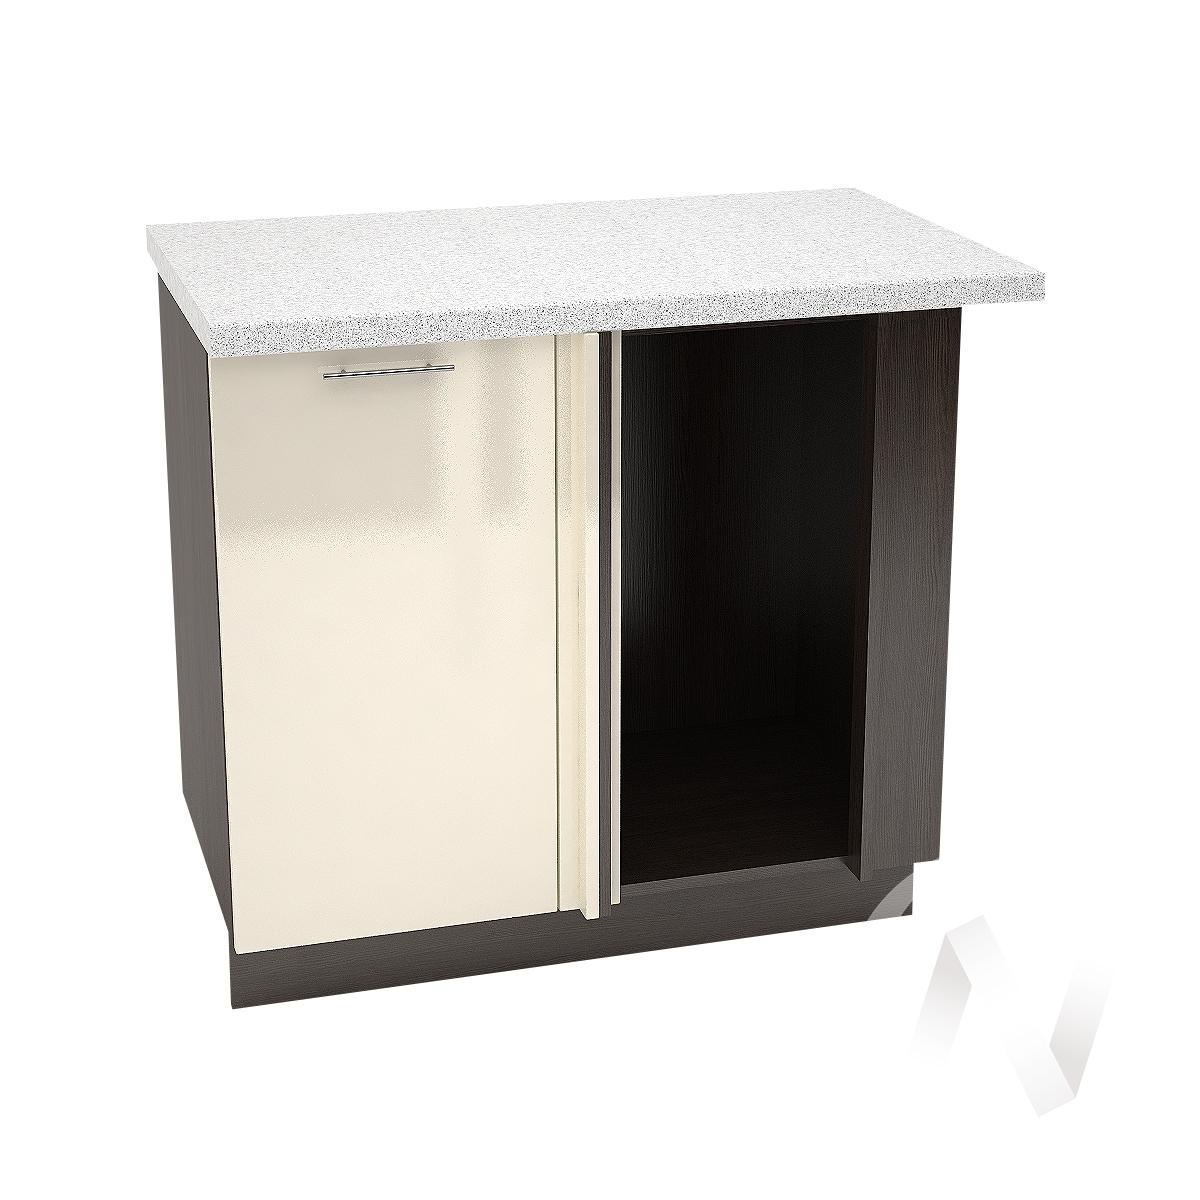 """Кухня """"Валерия-М"""": Шкаф нижний угловой 990М, ШНУ 990М (Ваниль глянец/корпус венге)"""